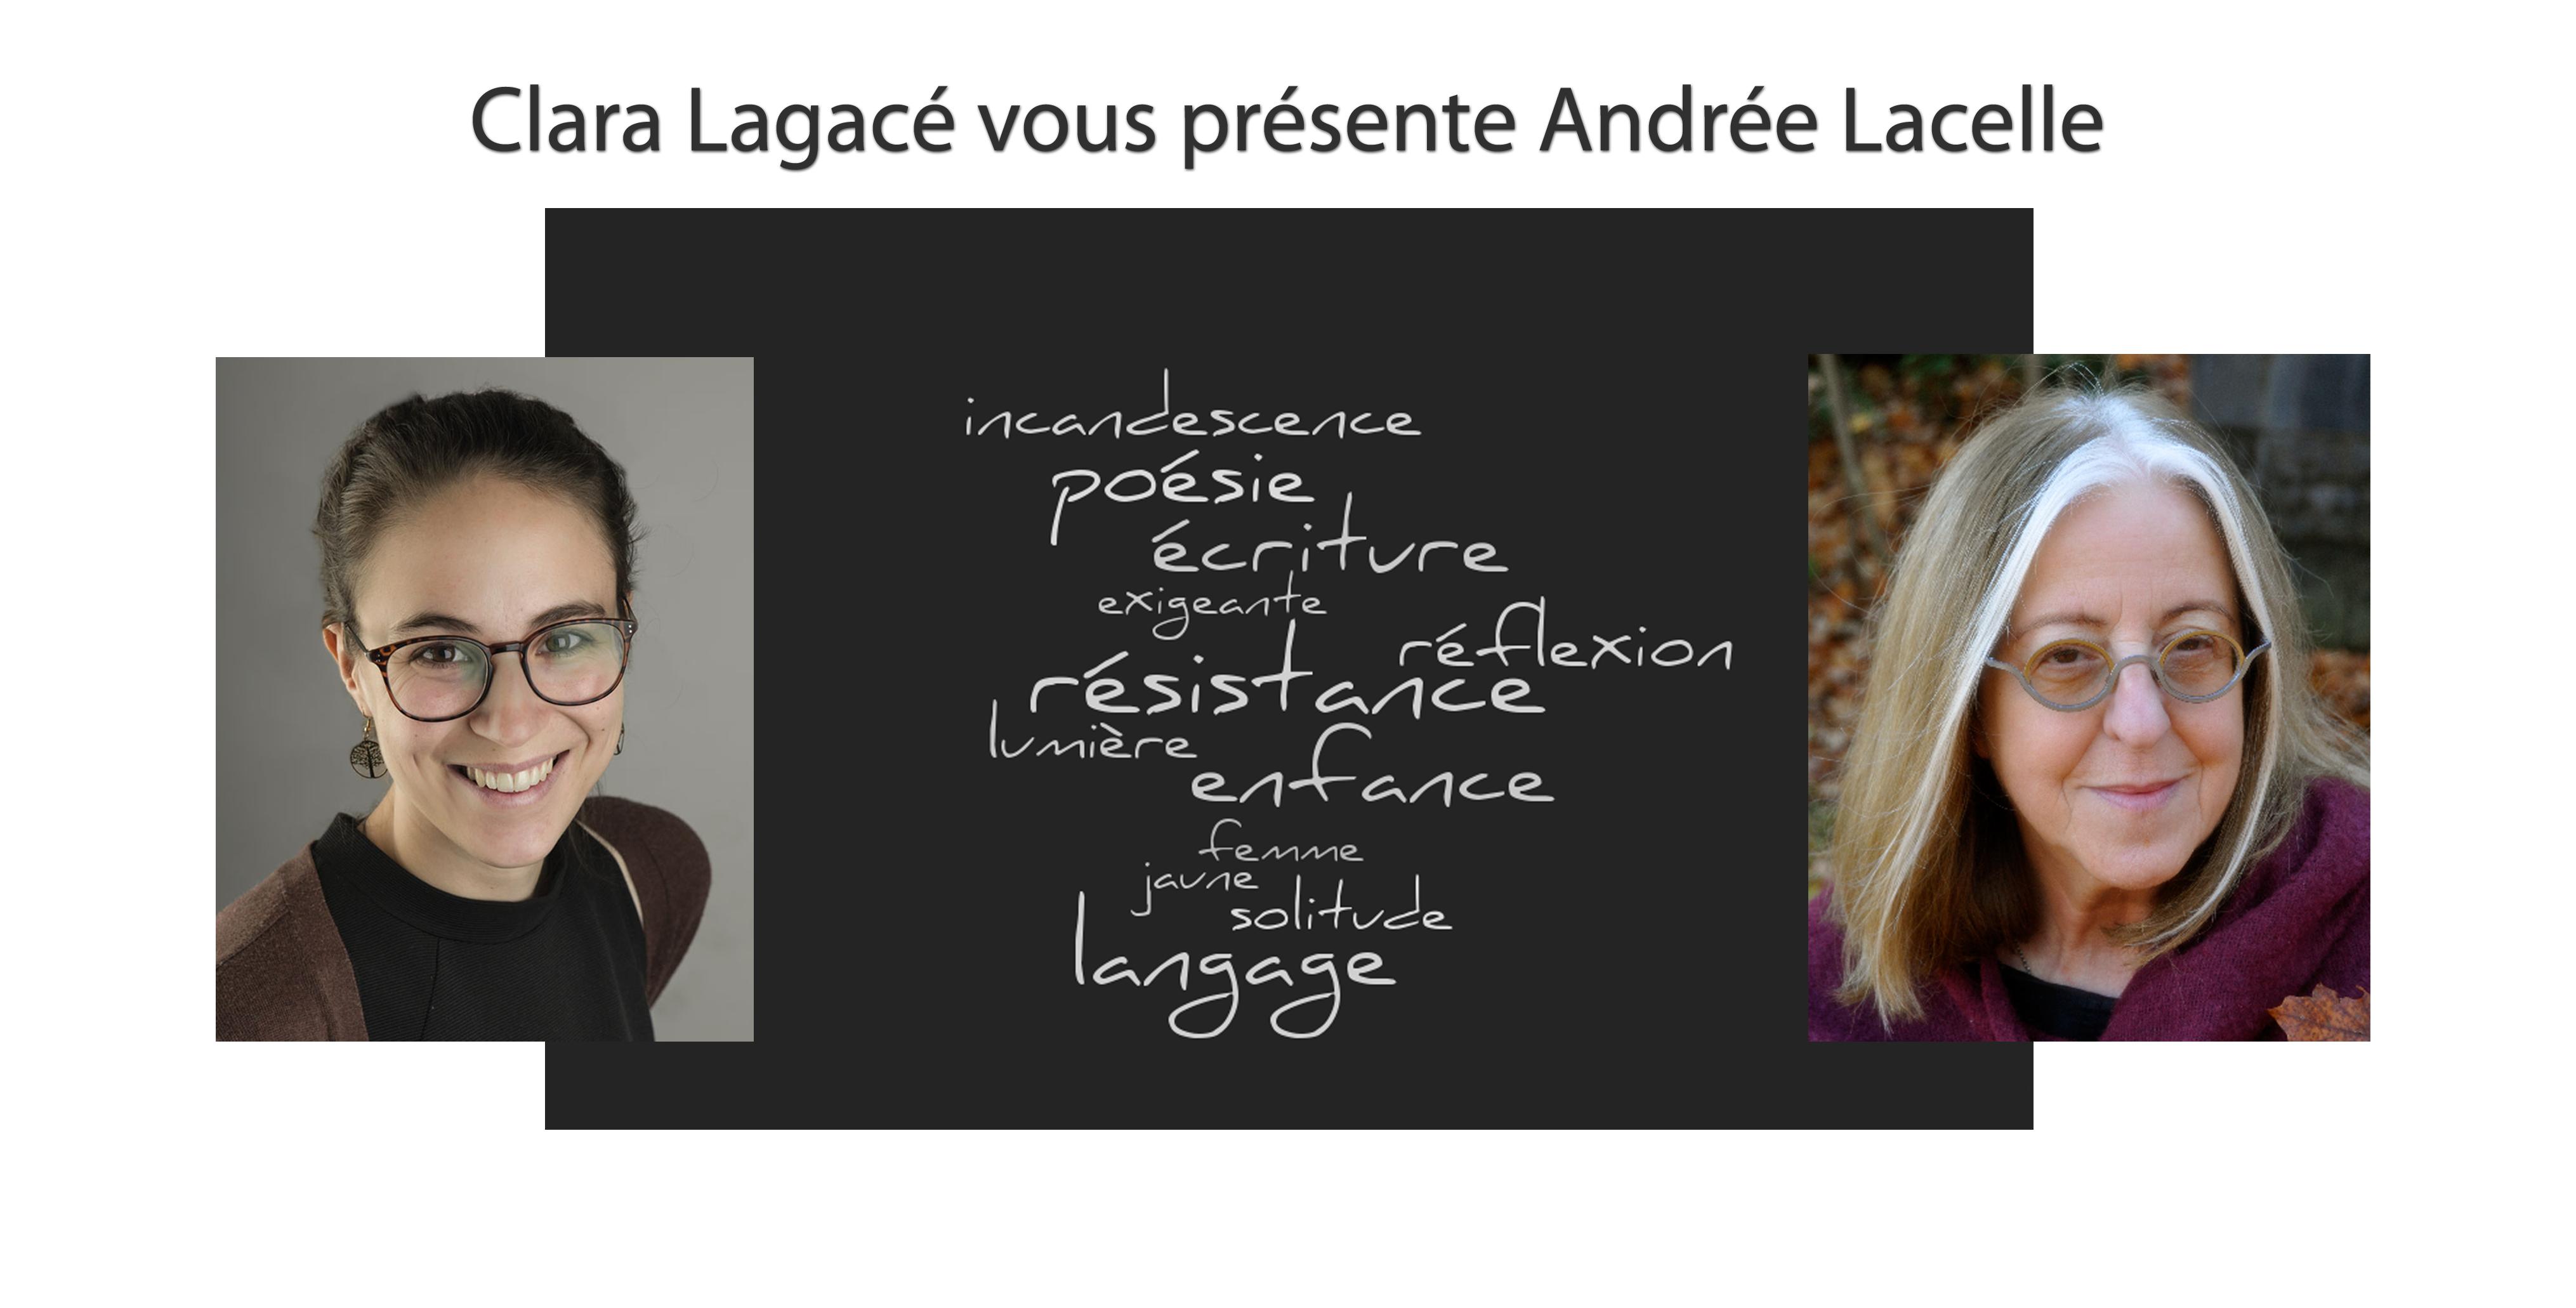 Clara Lagacé vous présente Andrée Lacelle